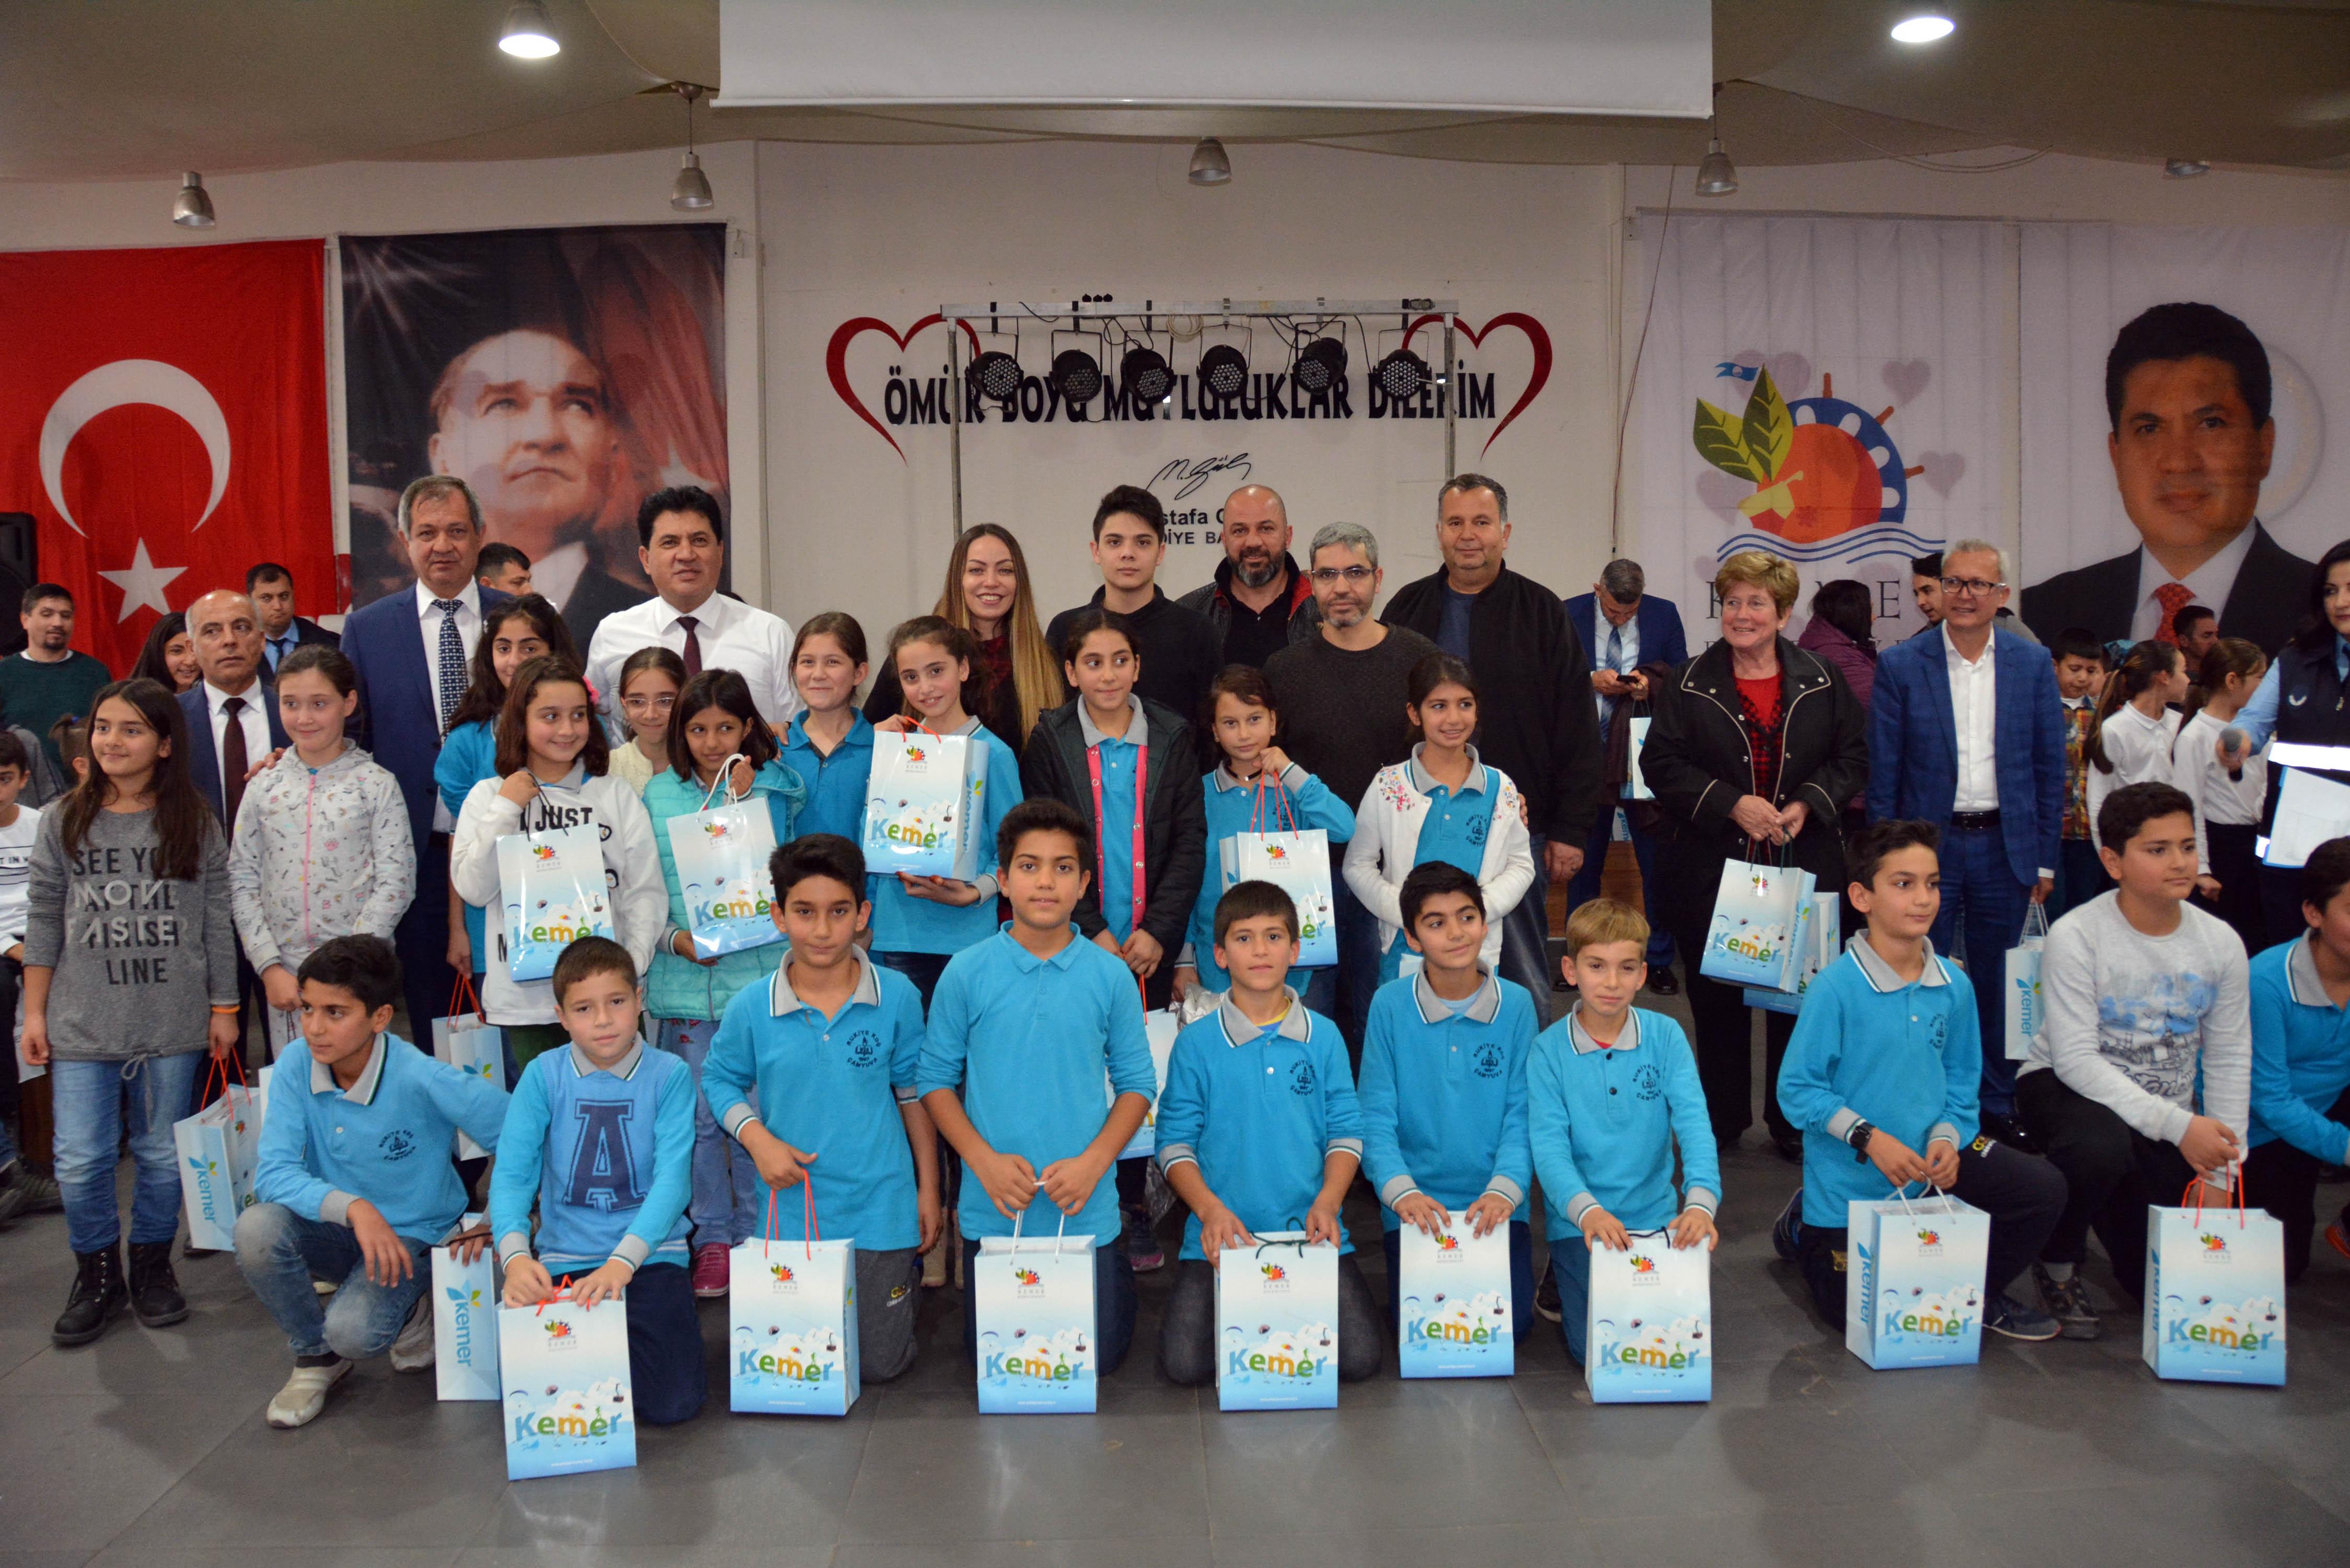 Kemer'de 500 öğrenciye tablet hediye edildi